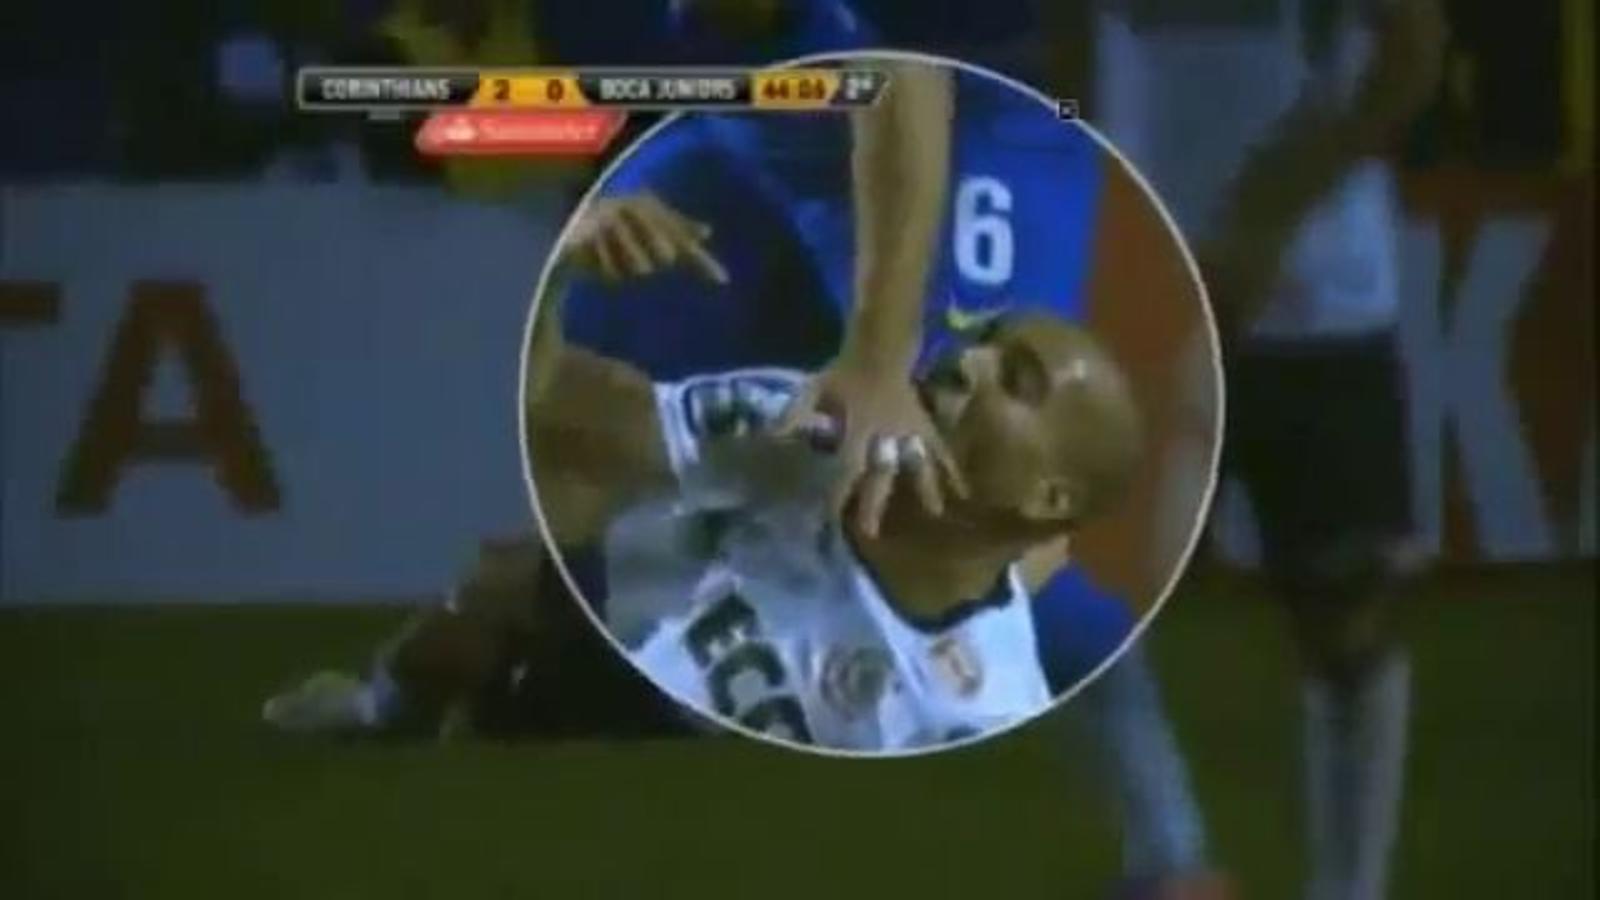 El brasiler Emerson, del Corinthians, mossega l'argentí Caruzzo, de Boca Juniors, en un partit de la final de la Copa Libertadores